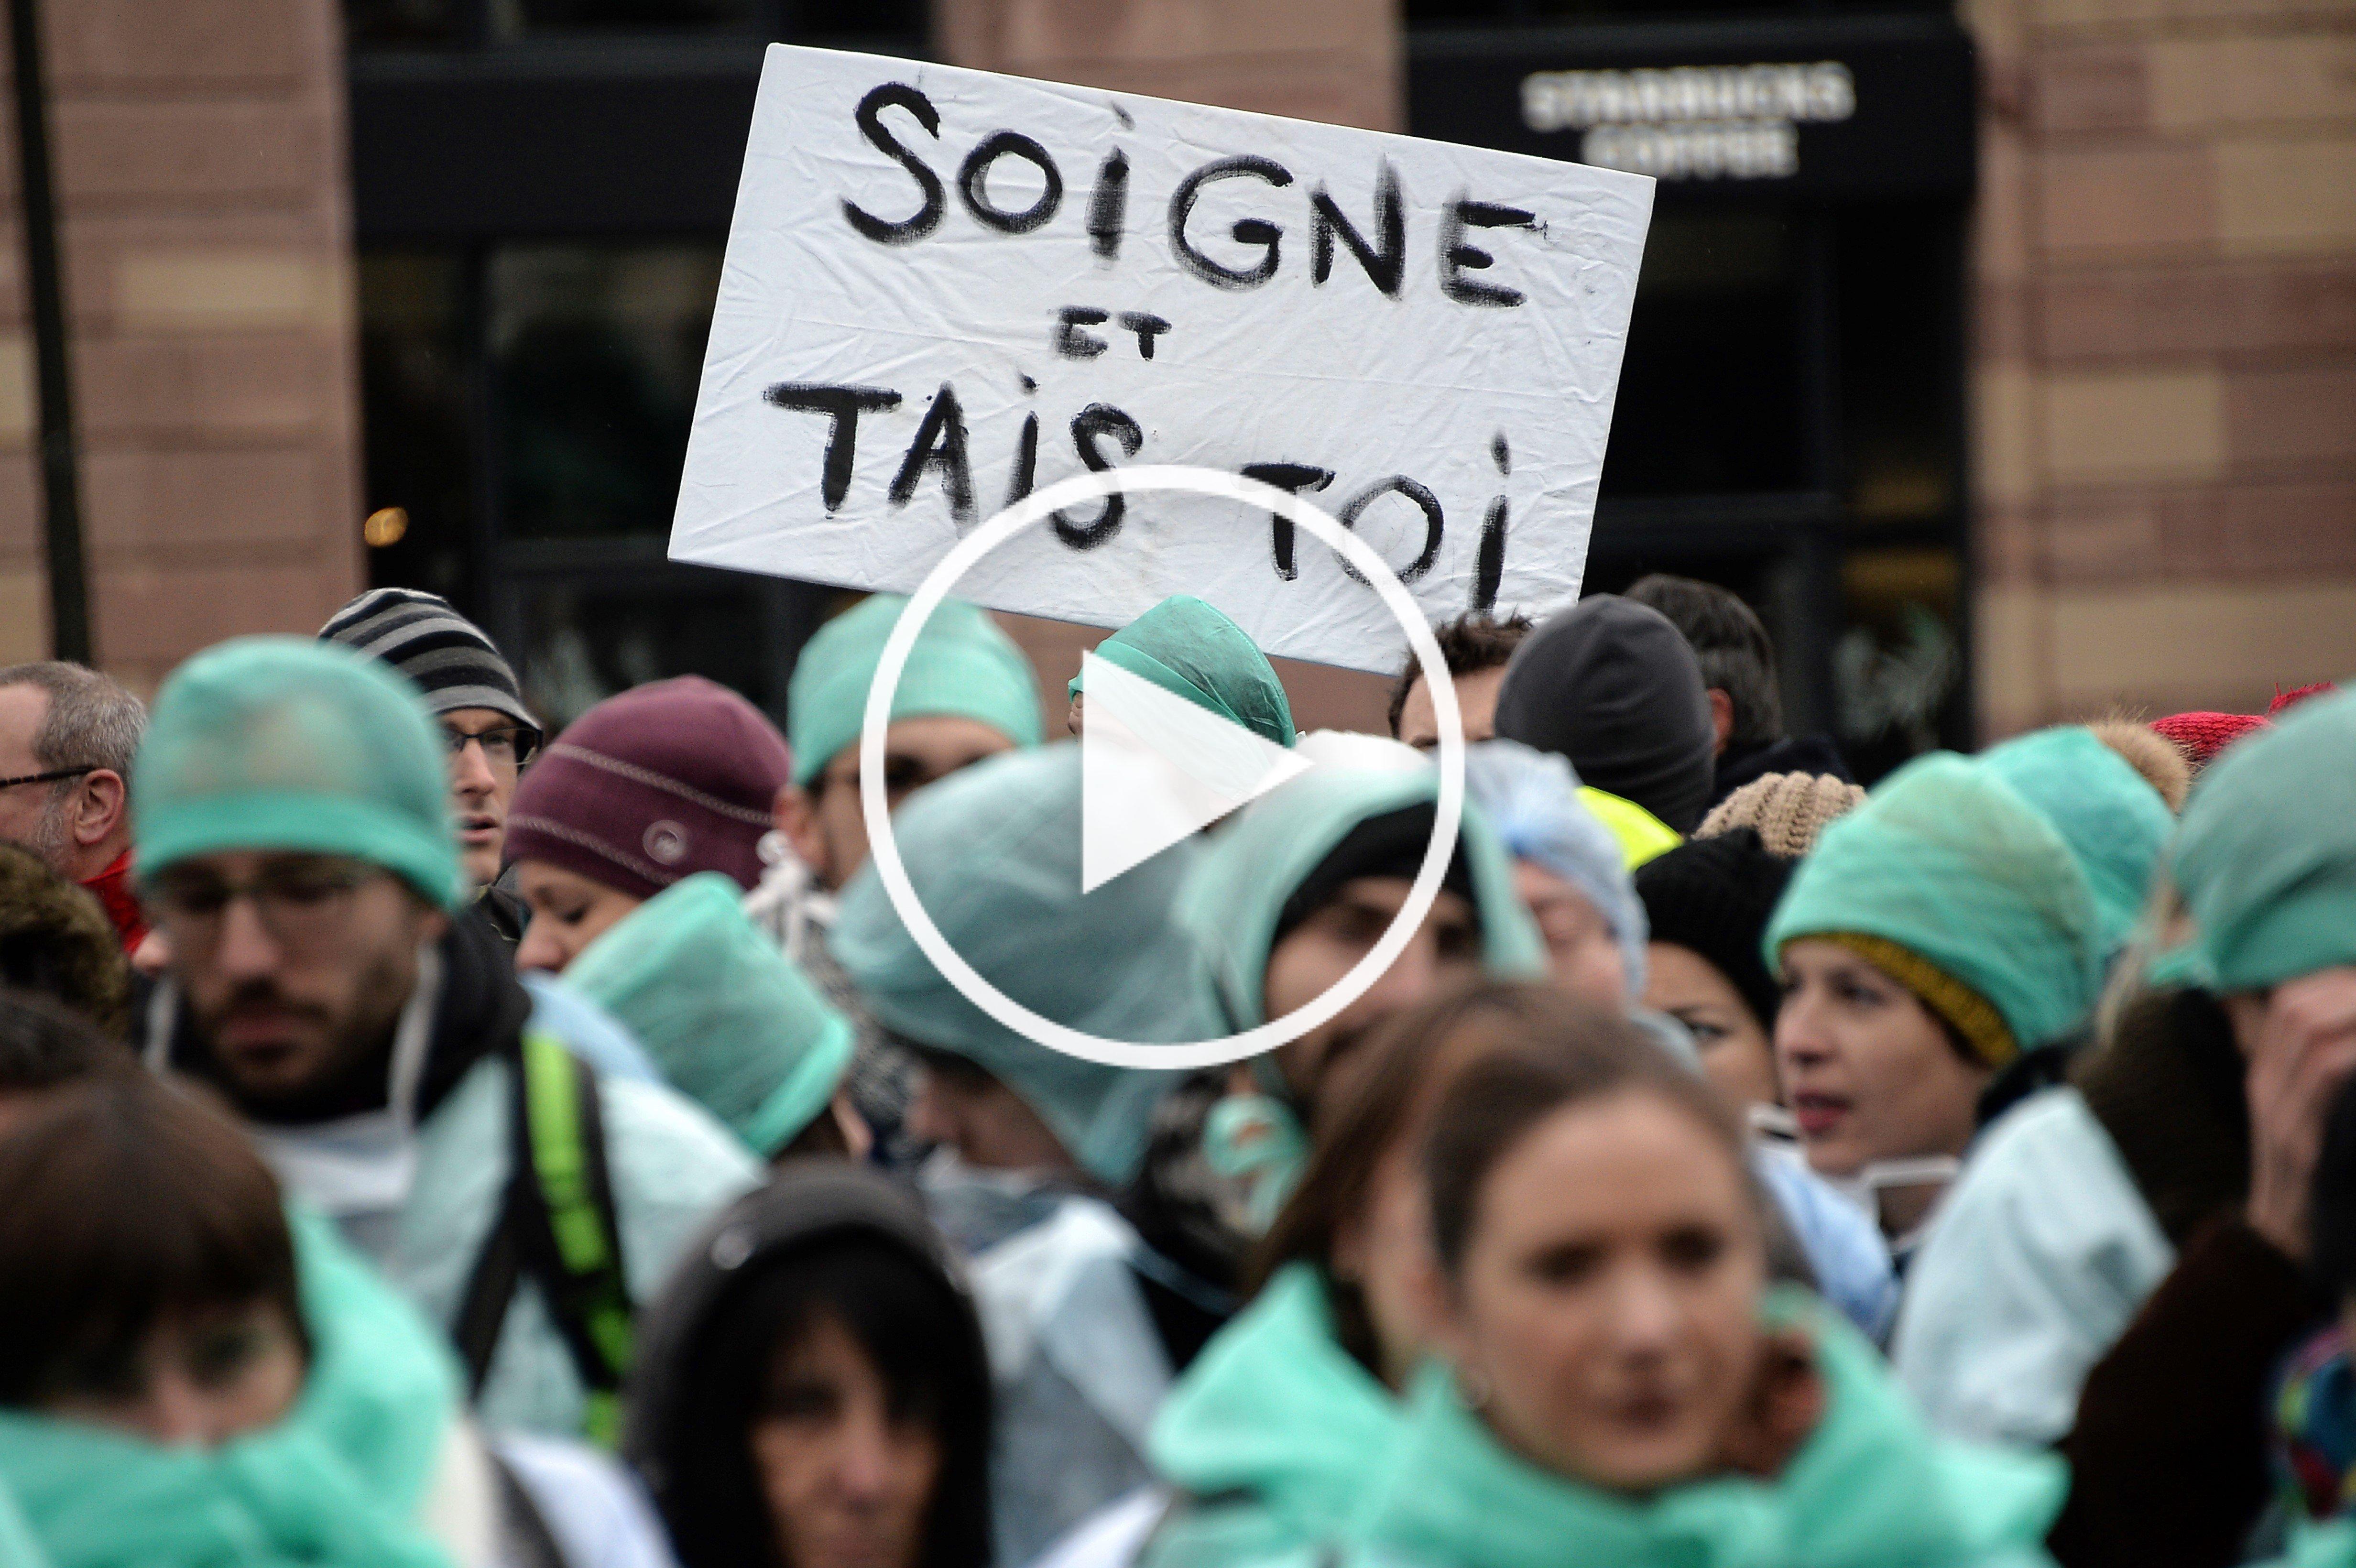 """""""Les Hôpitaux en 2017 c'est quoi ce DÉLIRE?!"""" La vidéo virale du moment !"""